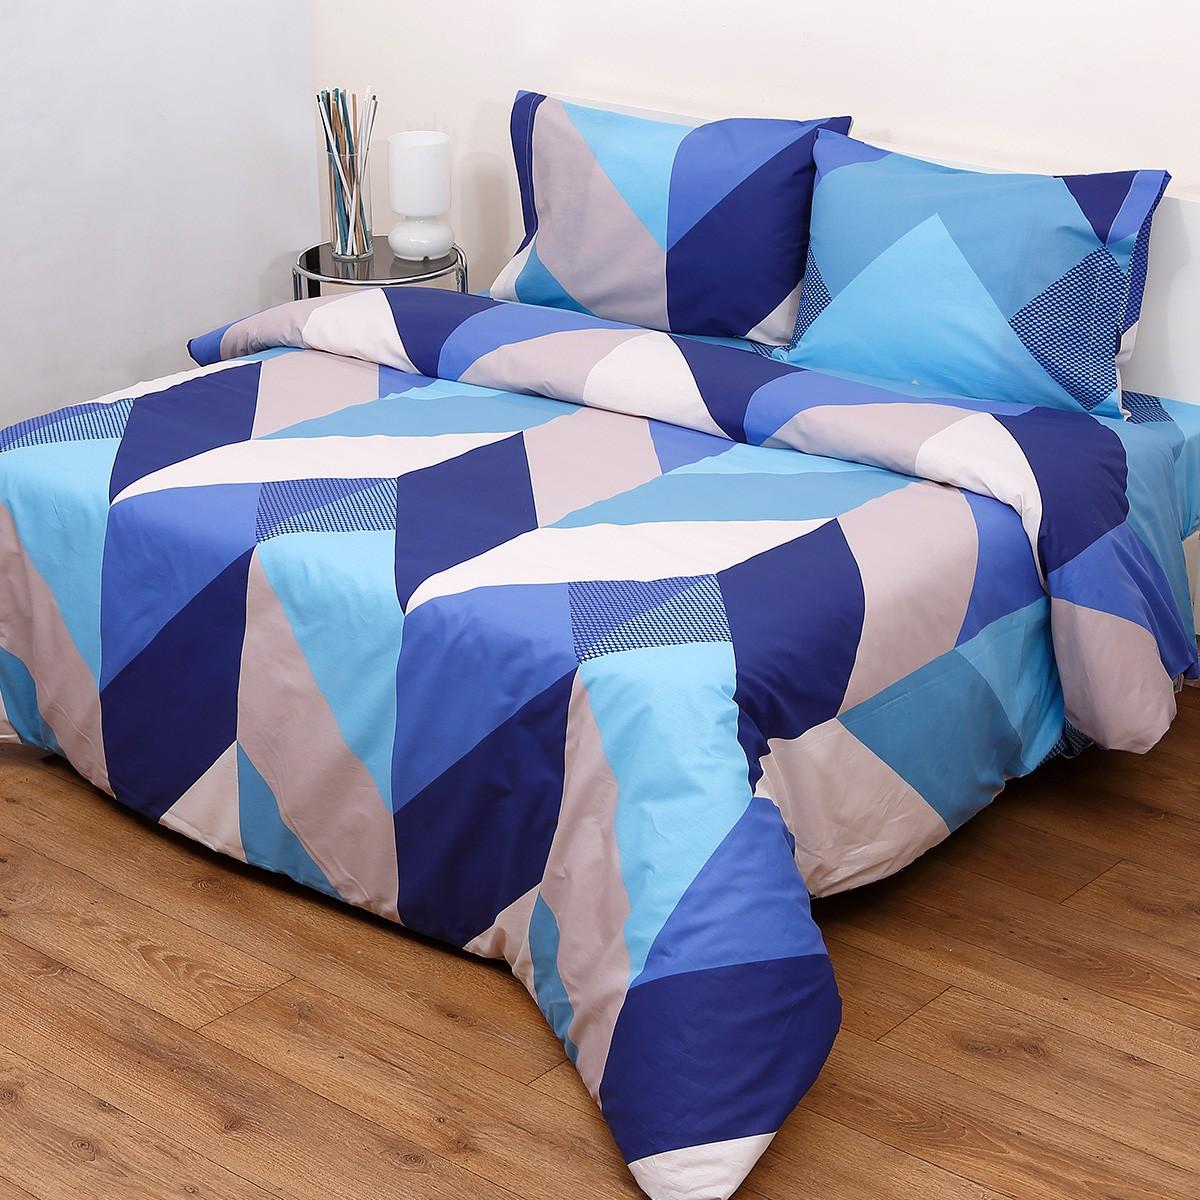 Κουβερλί Ημίδιπλο (Σετ) Viopros Fresh Ένζο Μπλε 71829